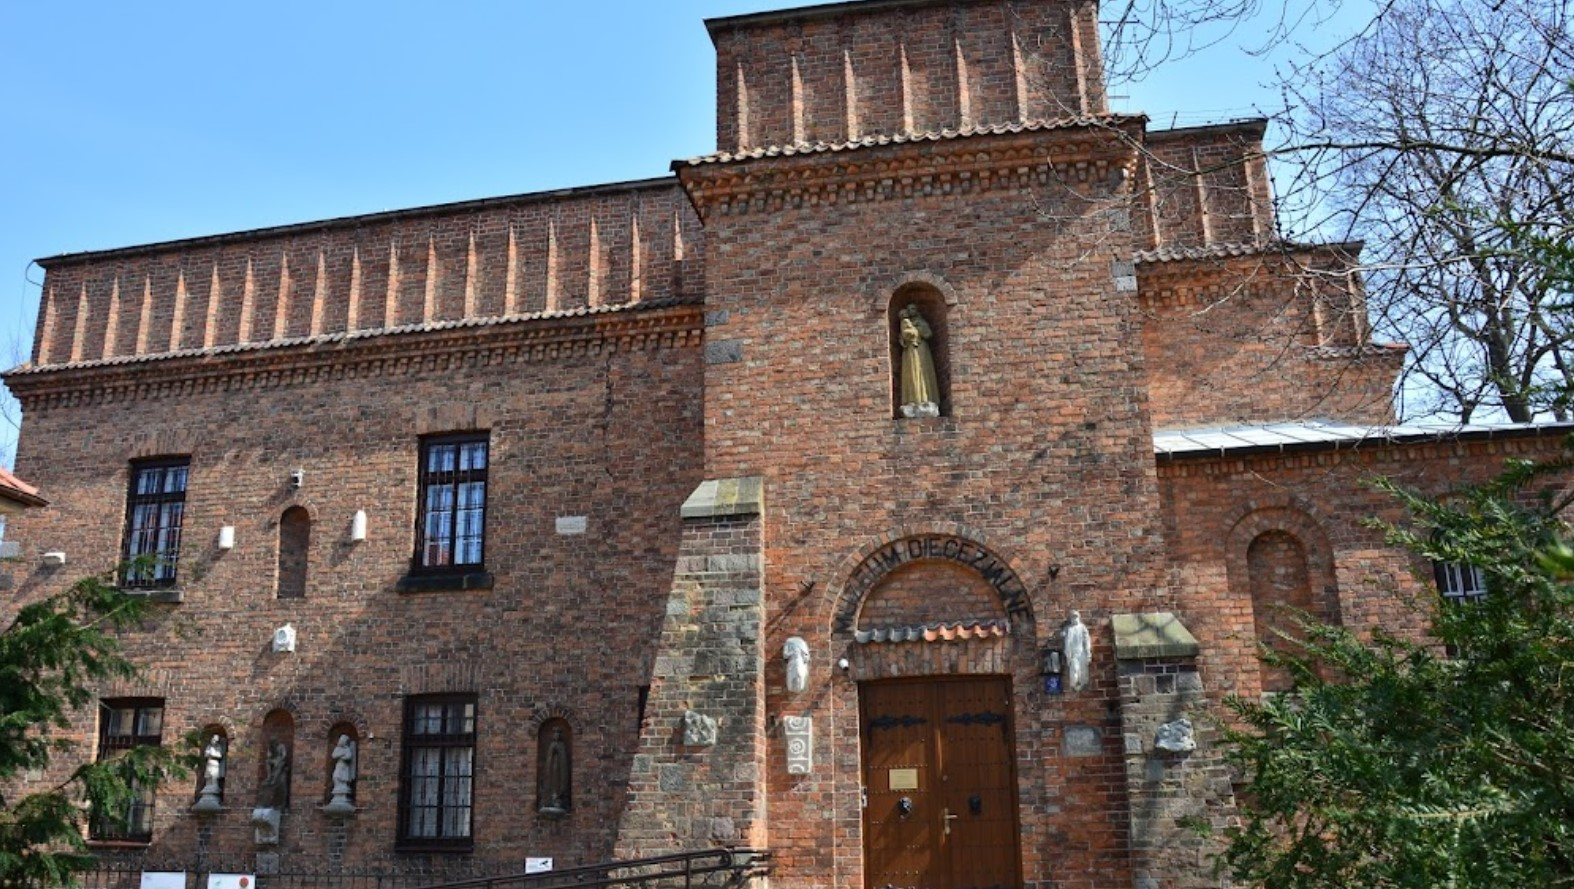 Muzeum Diecezjalne, Poland